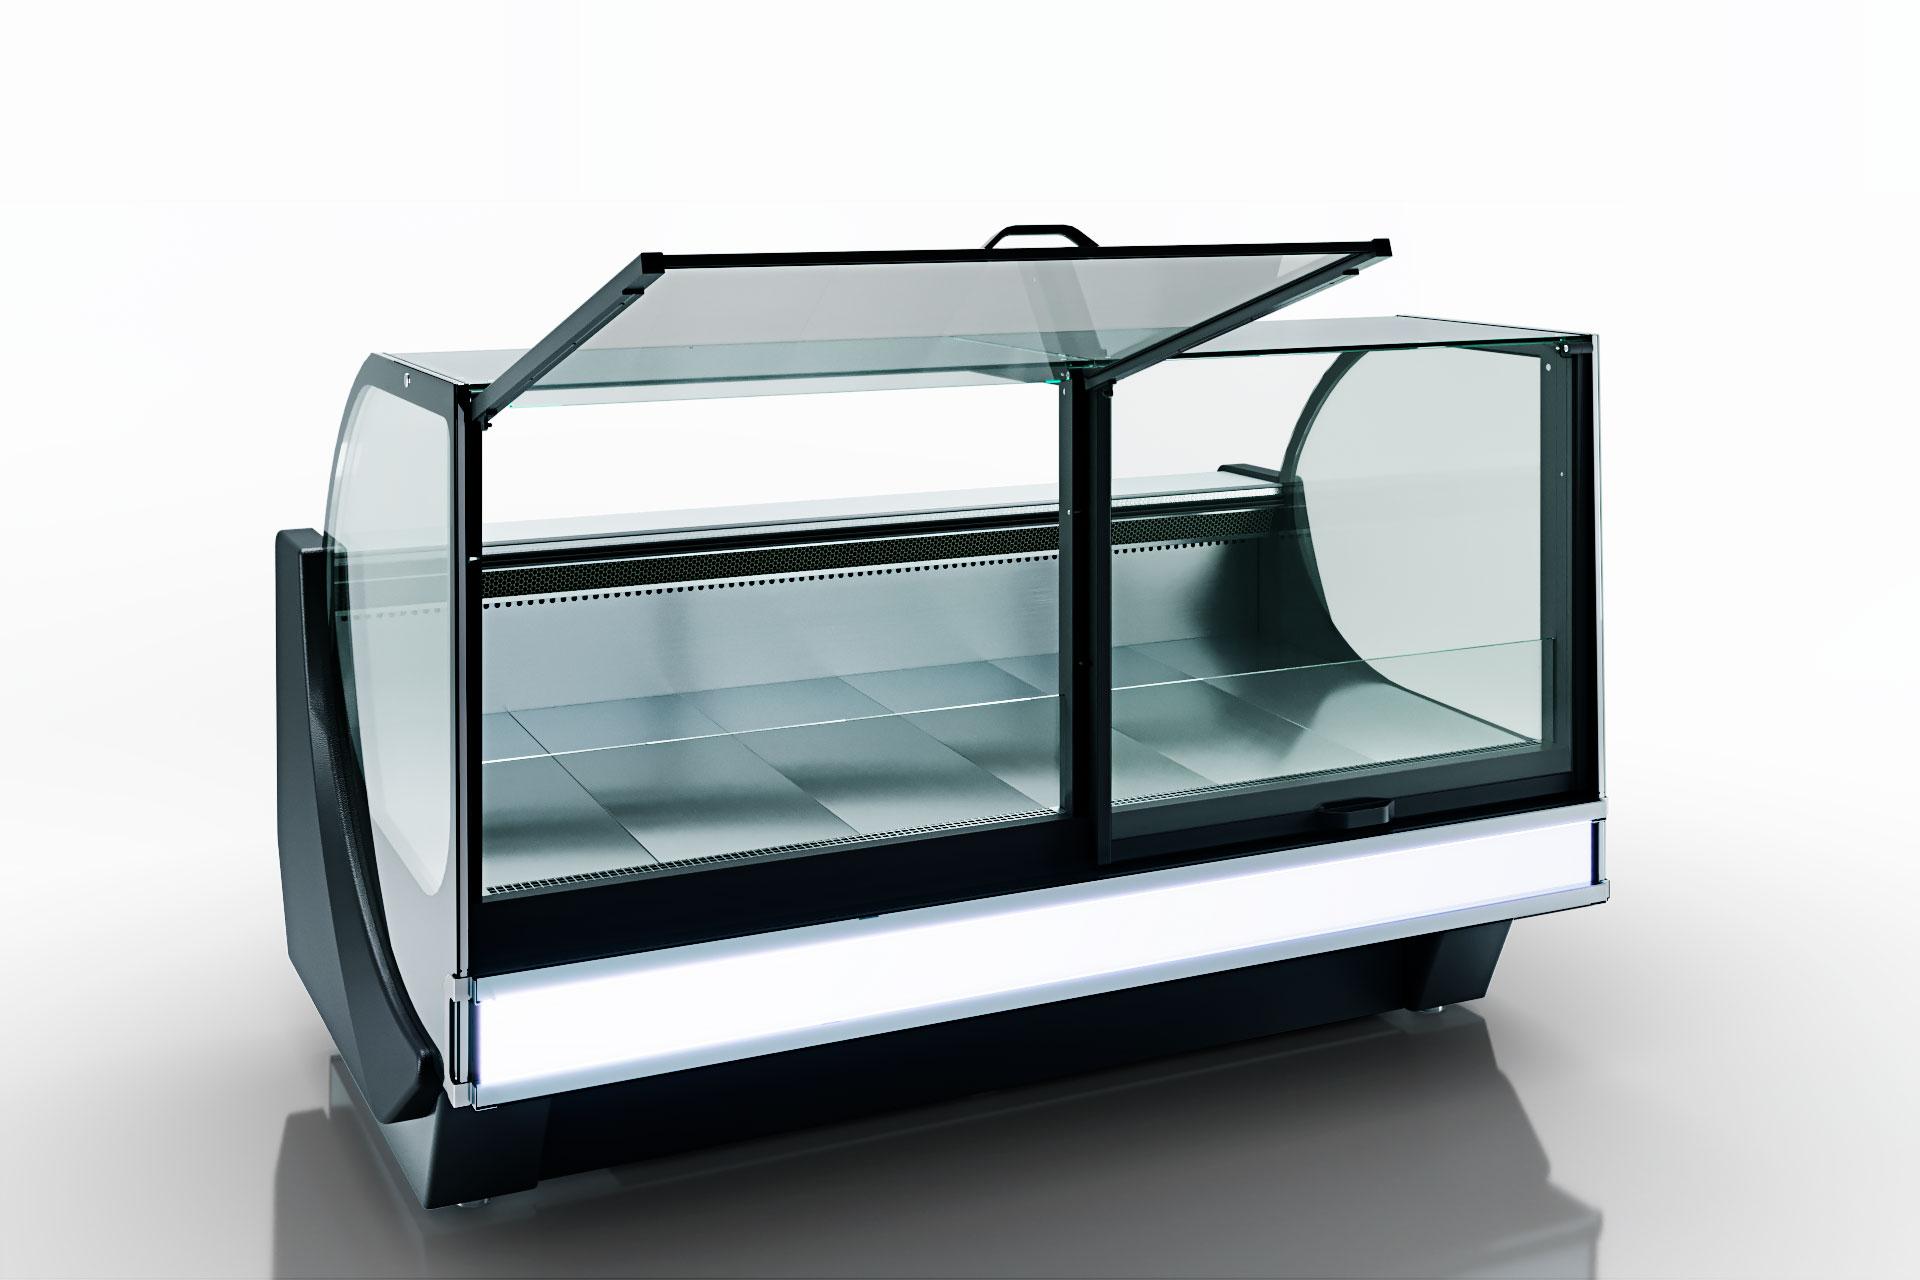 Refrigerated counters Missouri cold diamond MC 115 deli PS 2 121-DLA